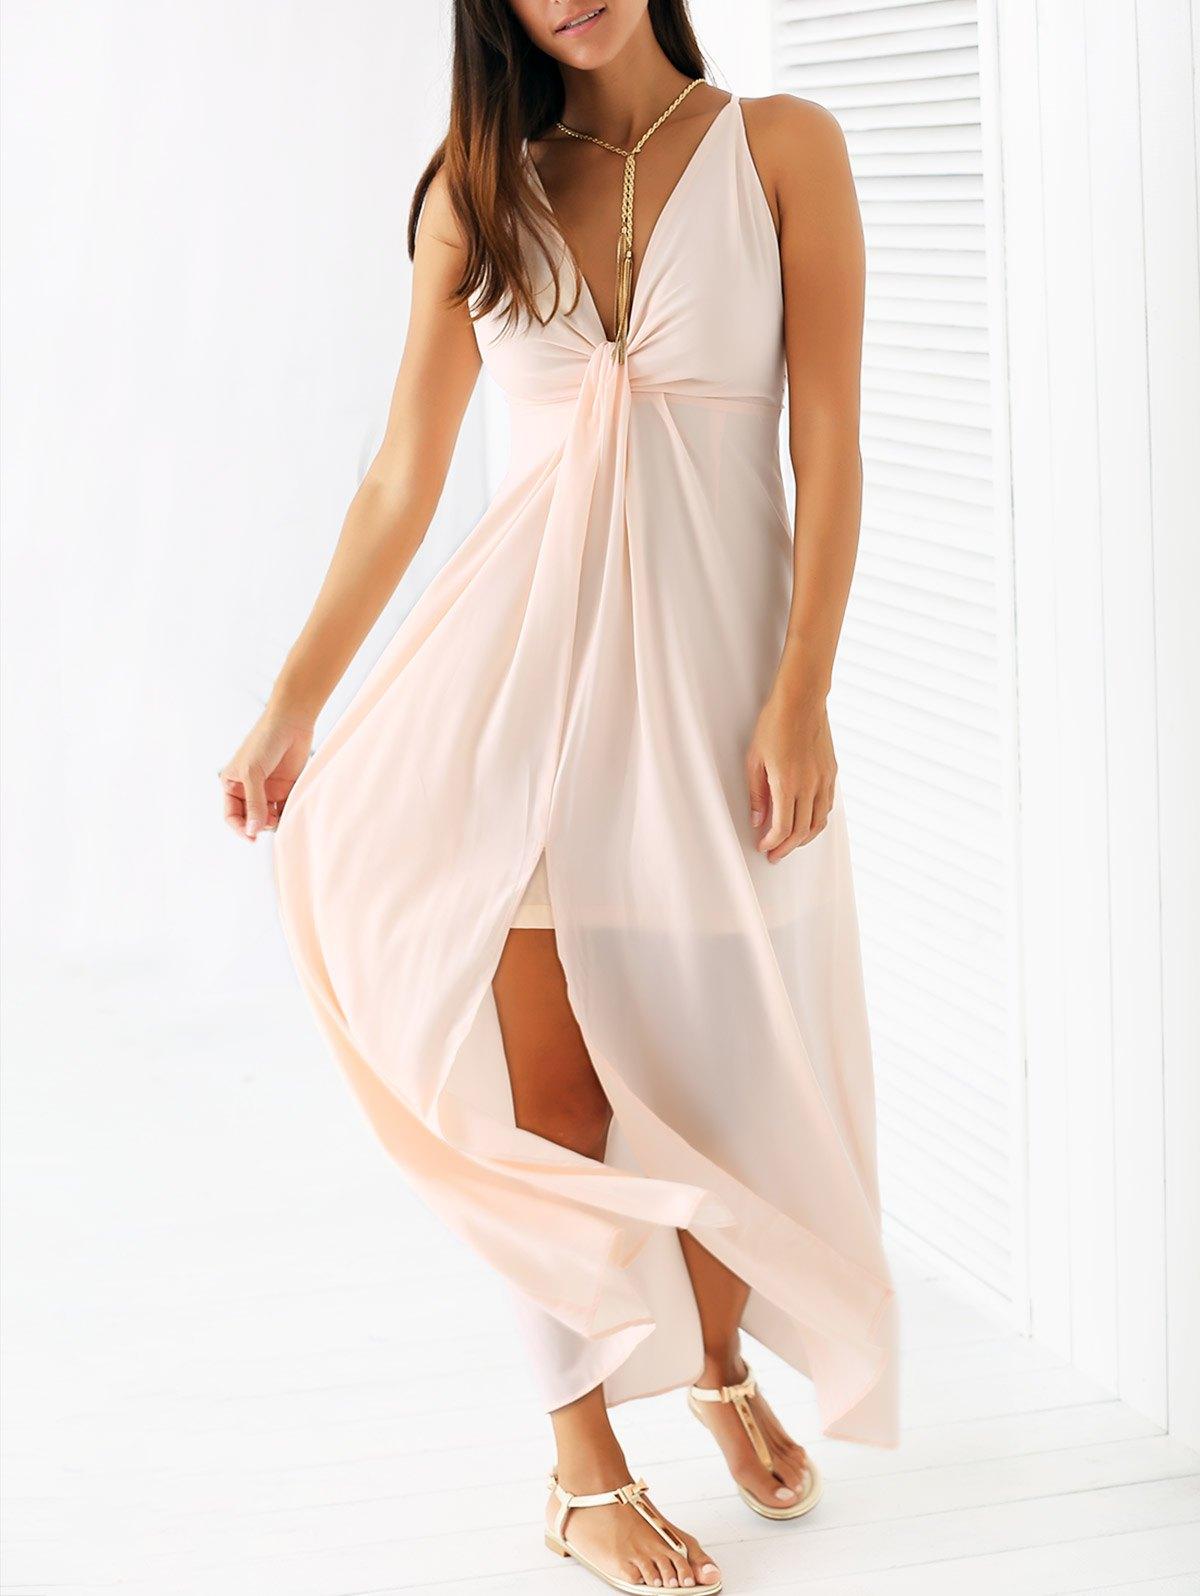 Spaghetti Strap Light Pink Chiffon Maxi Dress